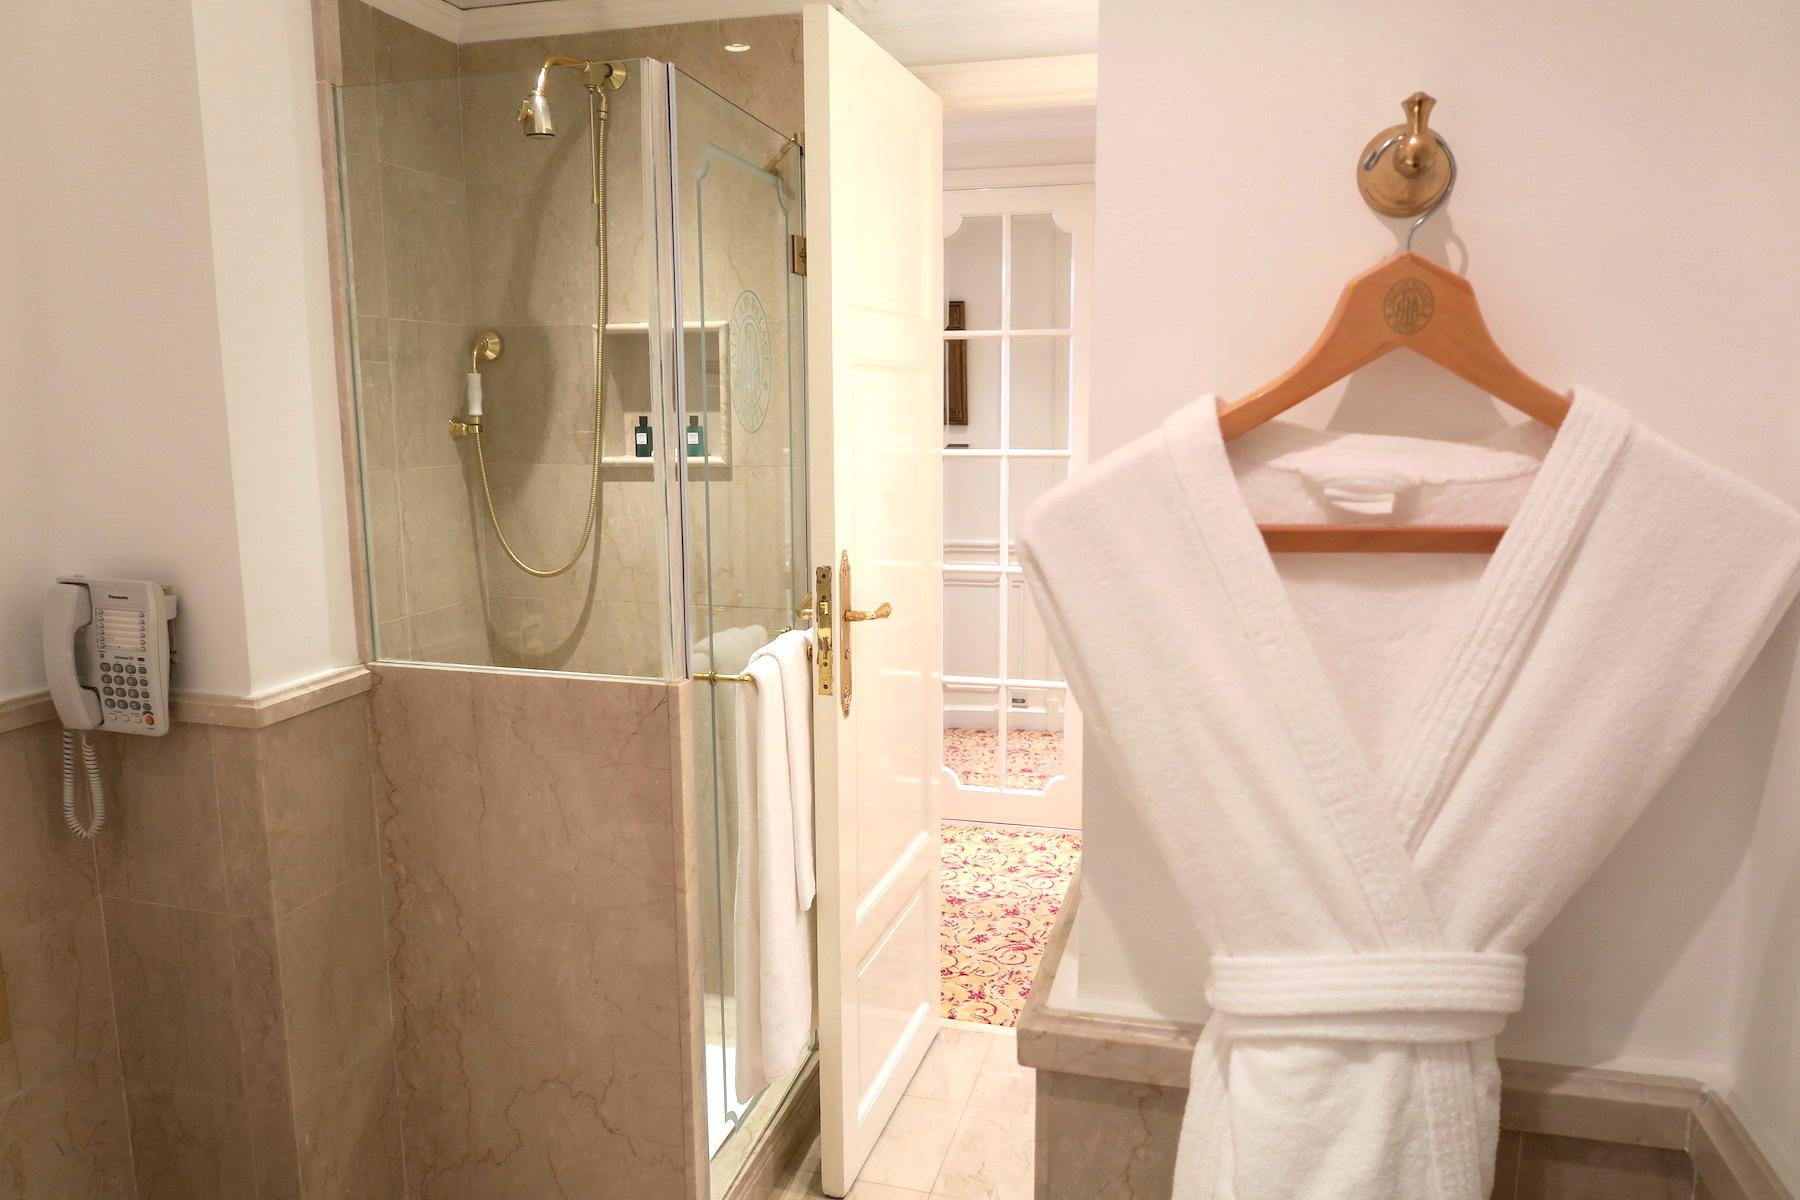 hotel-alvear-buenos-aires-blog-beta-pinheiro-banheiro